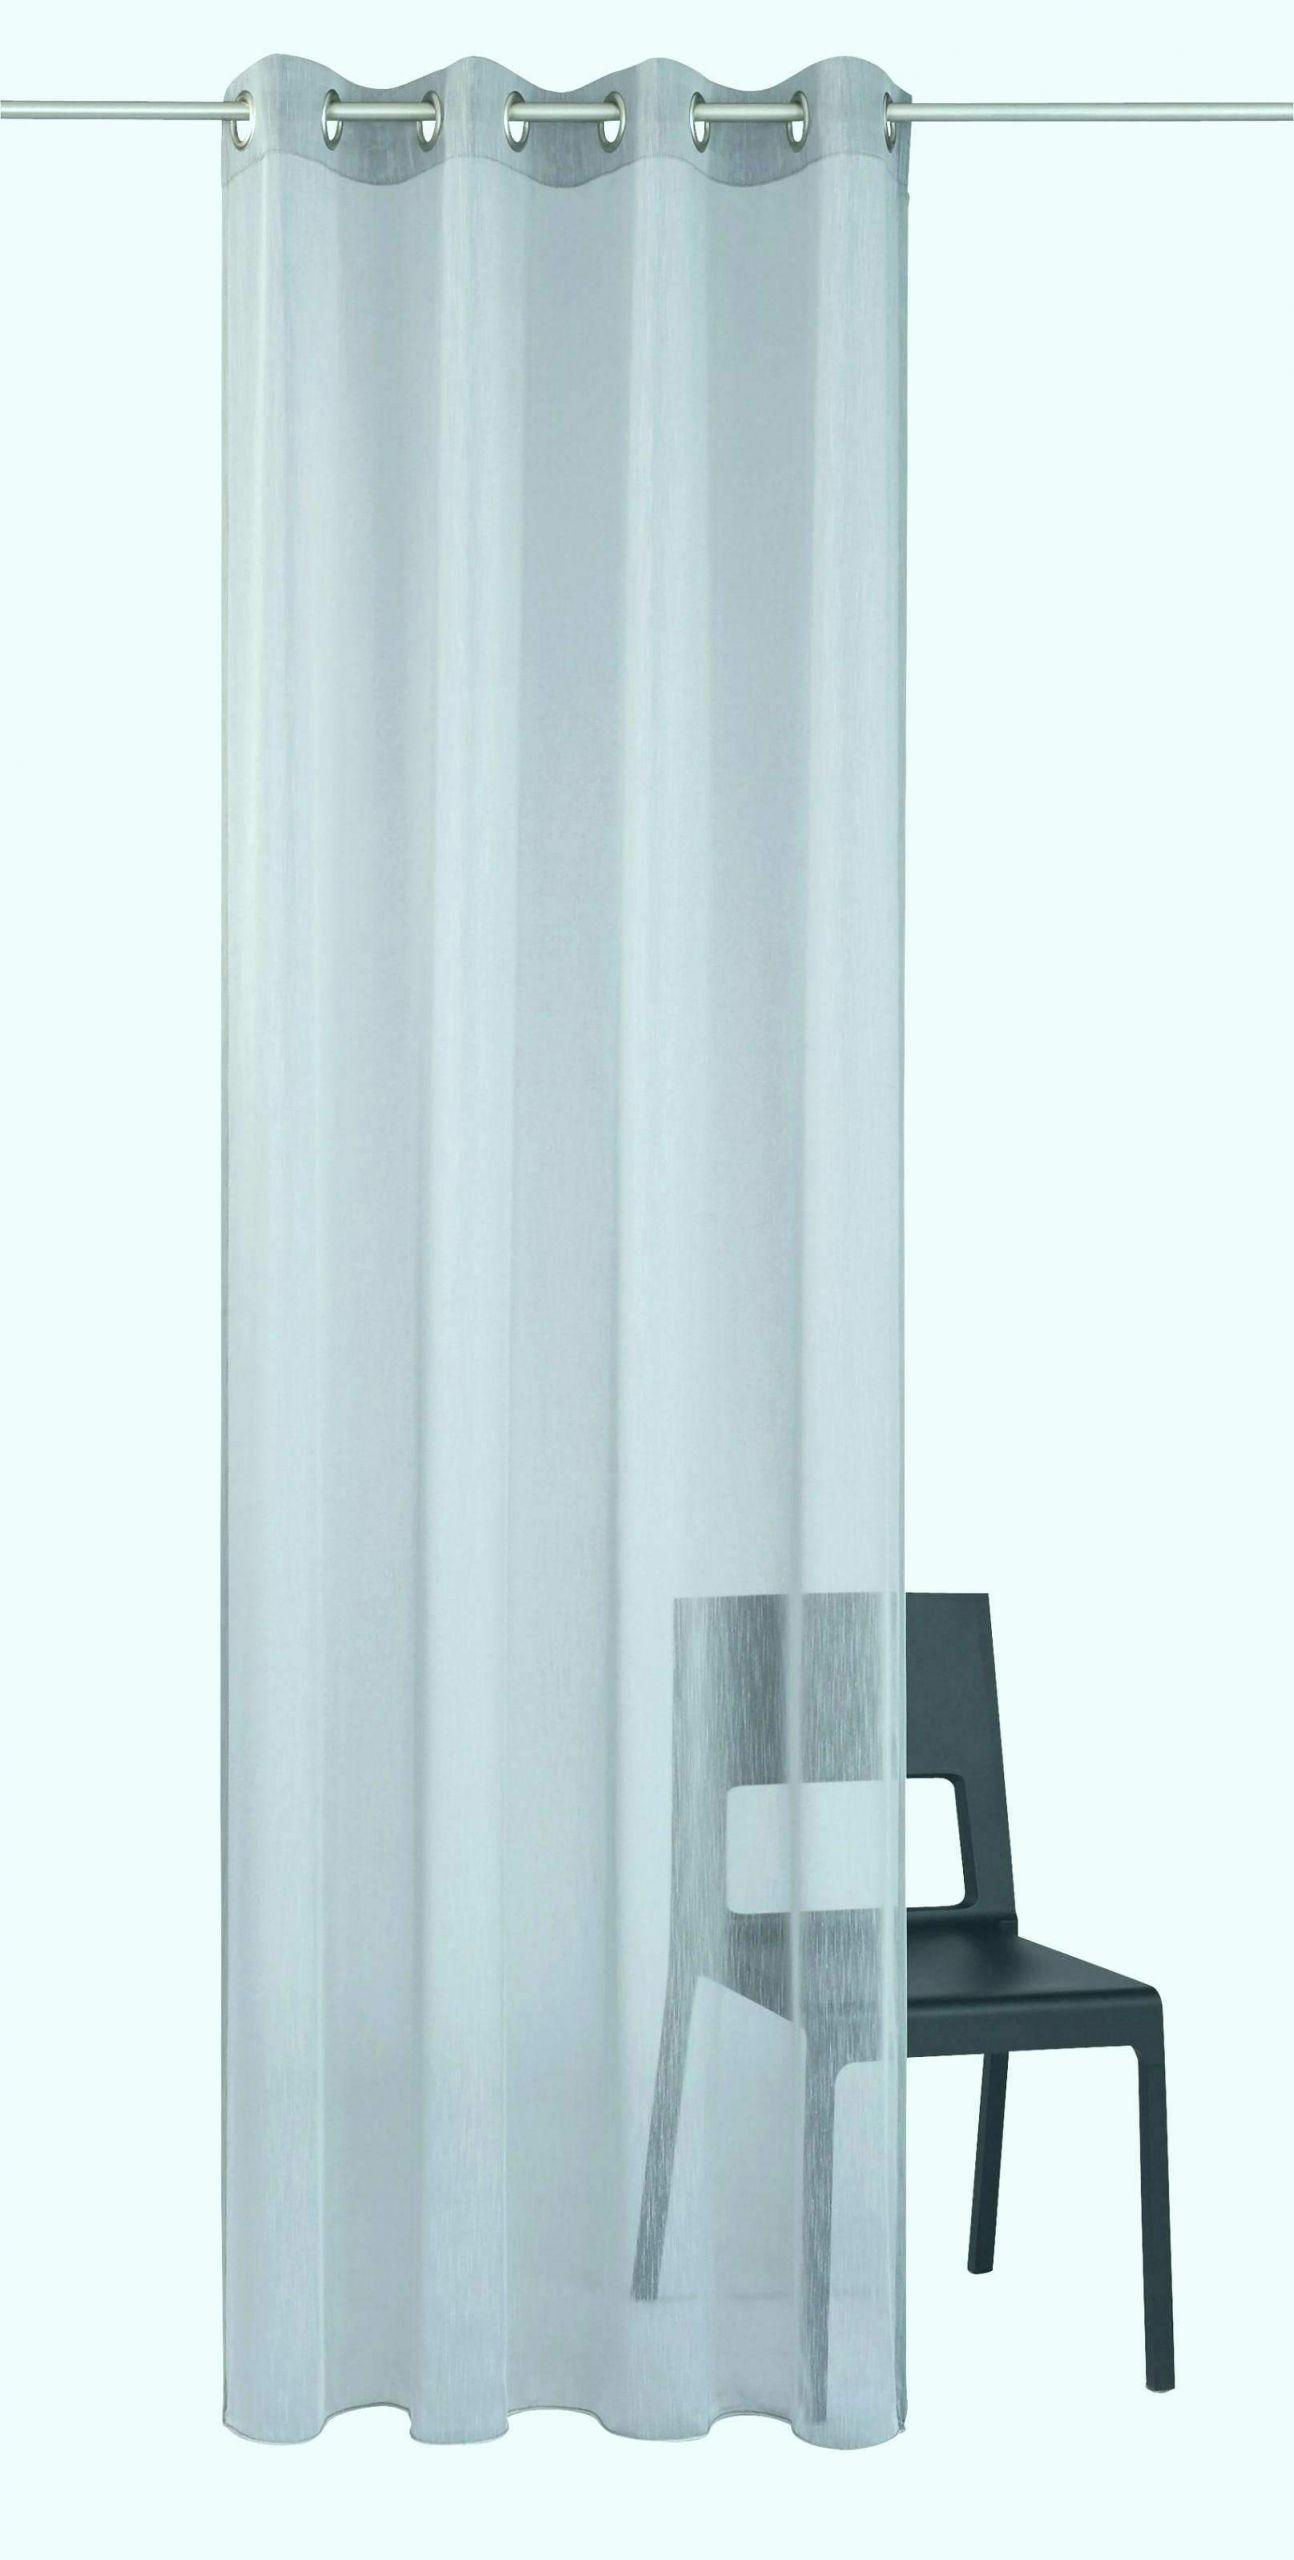 Full Size of Raffrollo Modern Wohnzimmer Gardinen Mit Balkontr Inspirierend 50 Luxus Von Bilder Küche Tapete Modernes Sofa Moderne Duschen Esstisch Weiss Deckenleuchte Wohnzimmer Raffrollo Modern